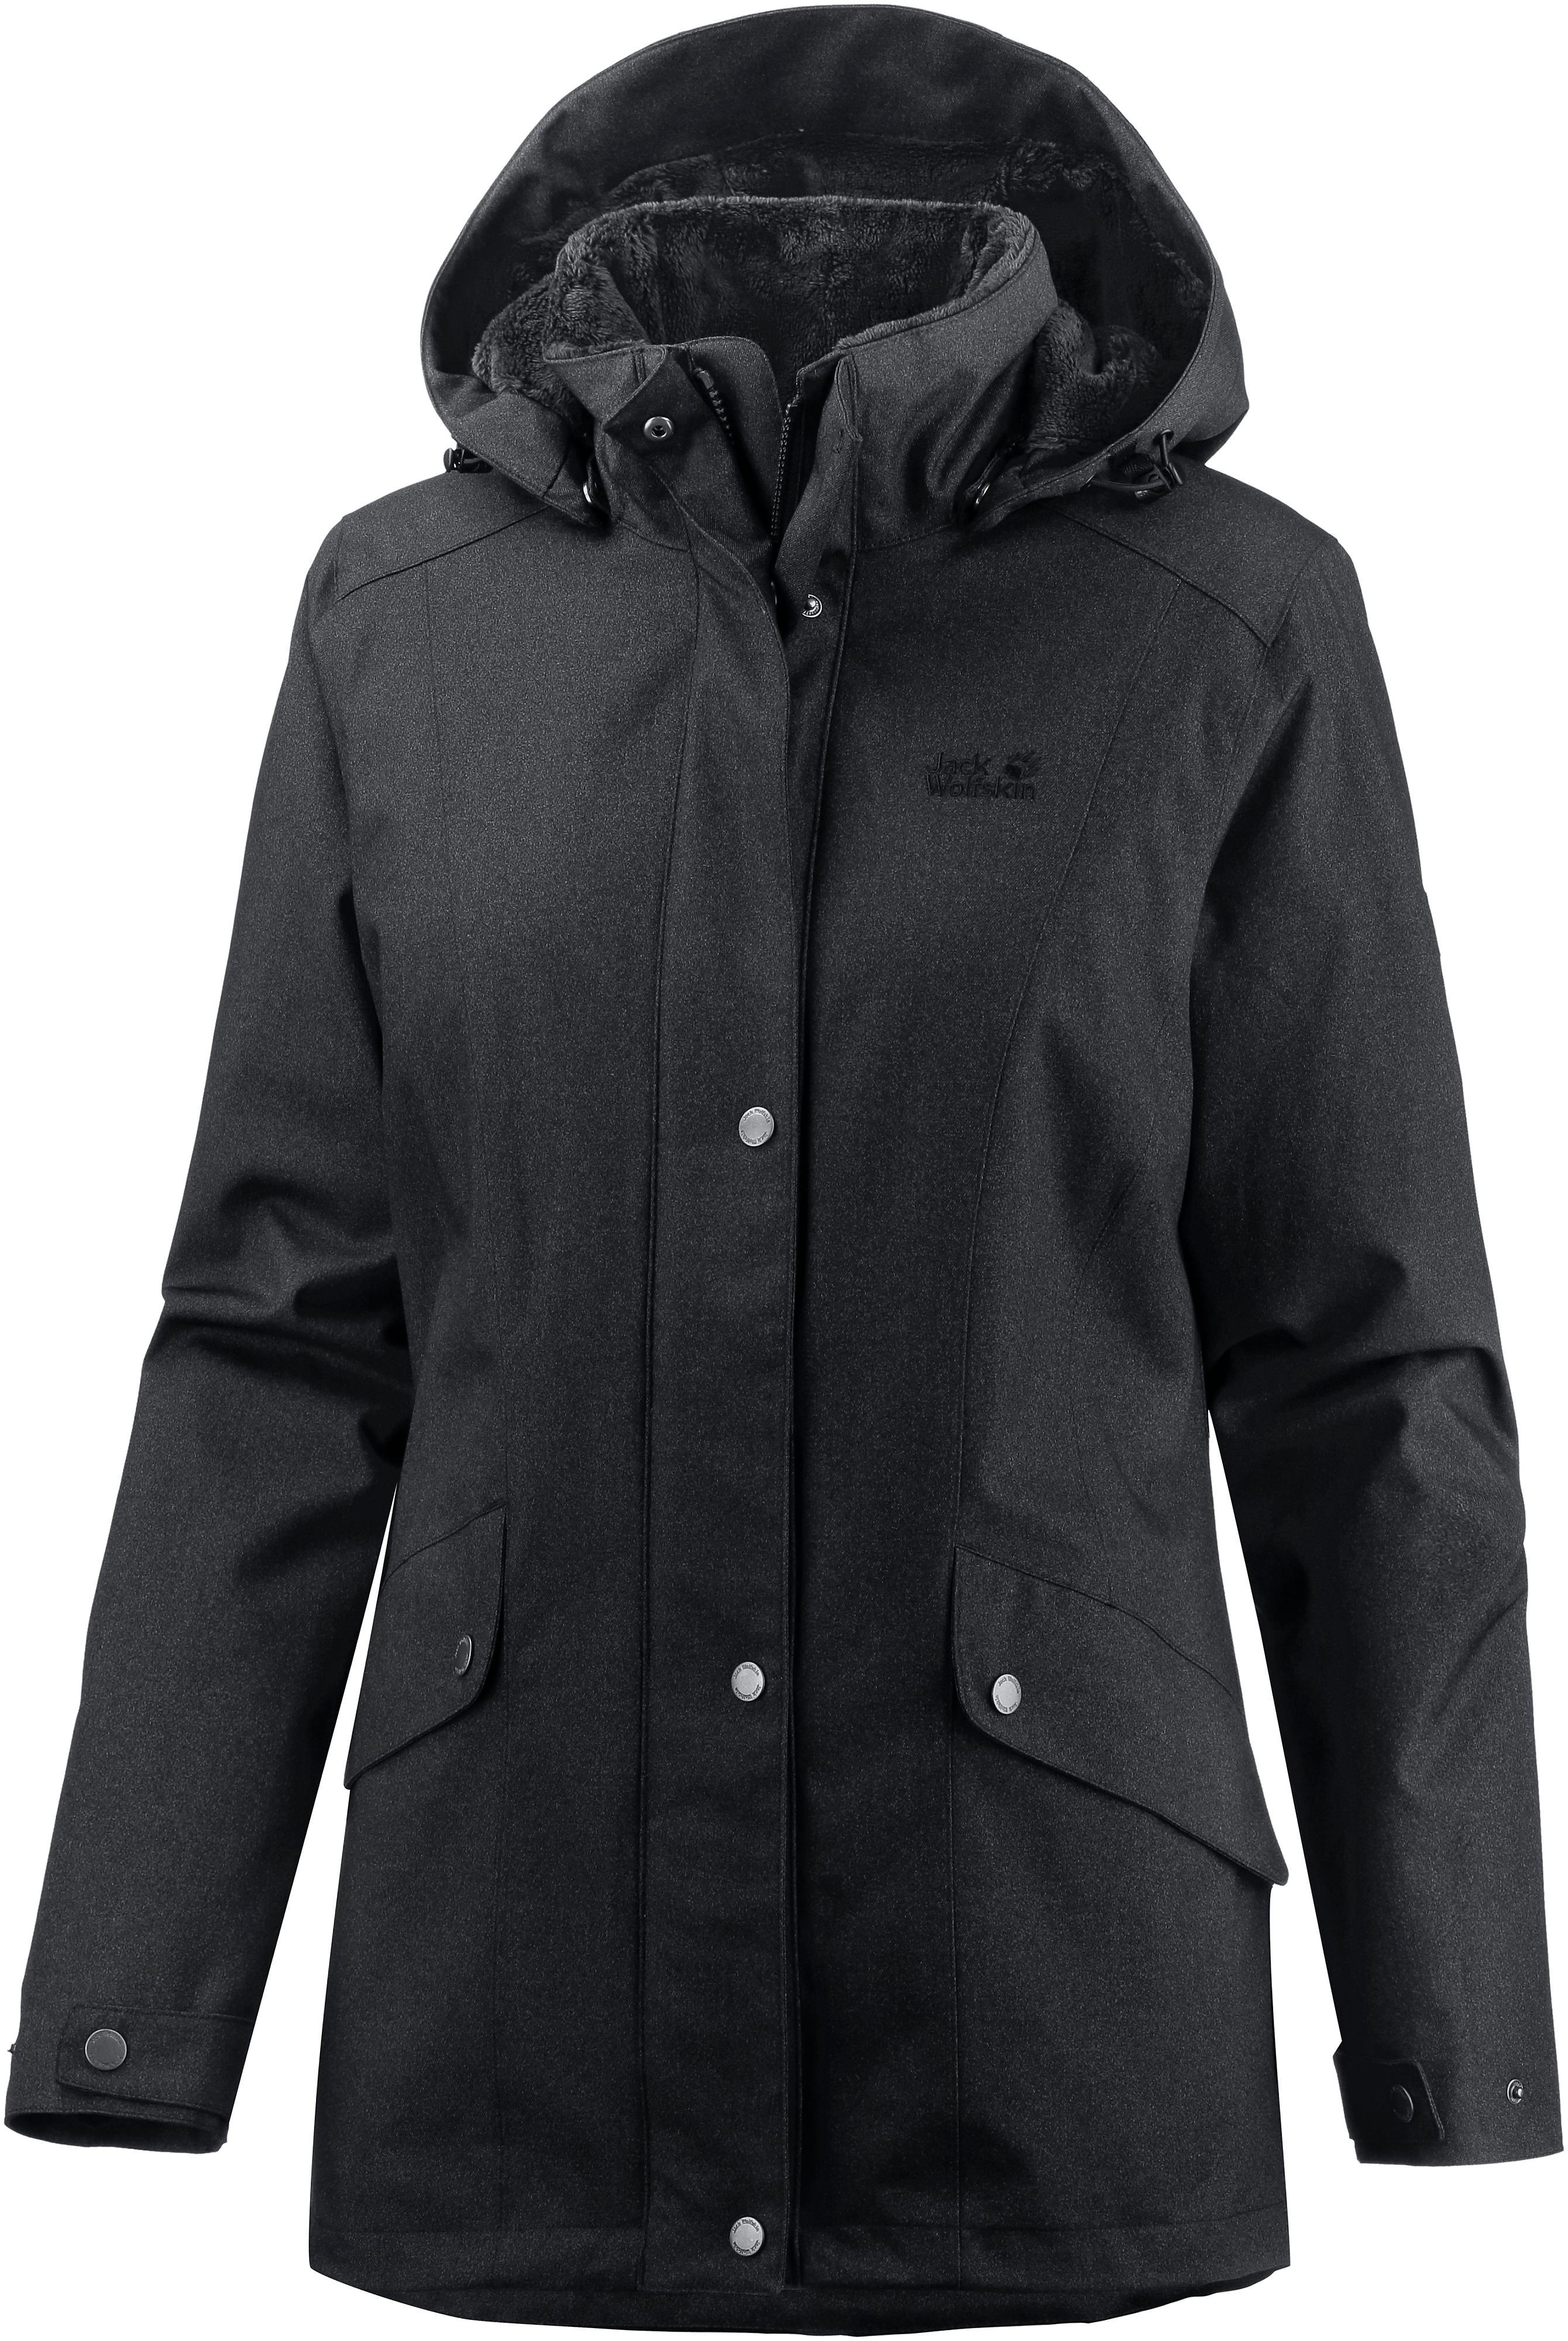 reputable site cd526 3344f Jack Wolfskin Park Avenue Winterjacke Damen black im Online Shop von  SportScheck kaufen